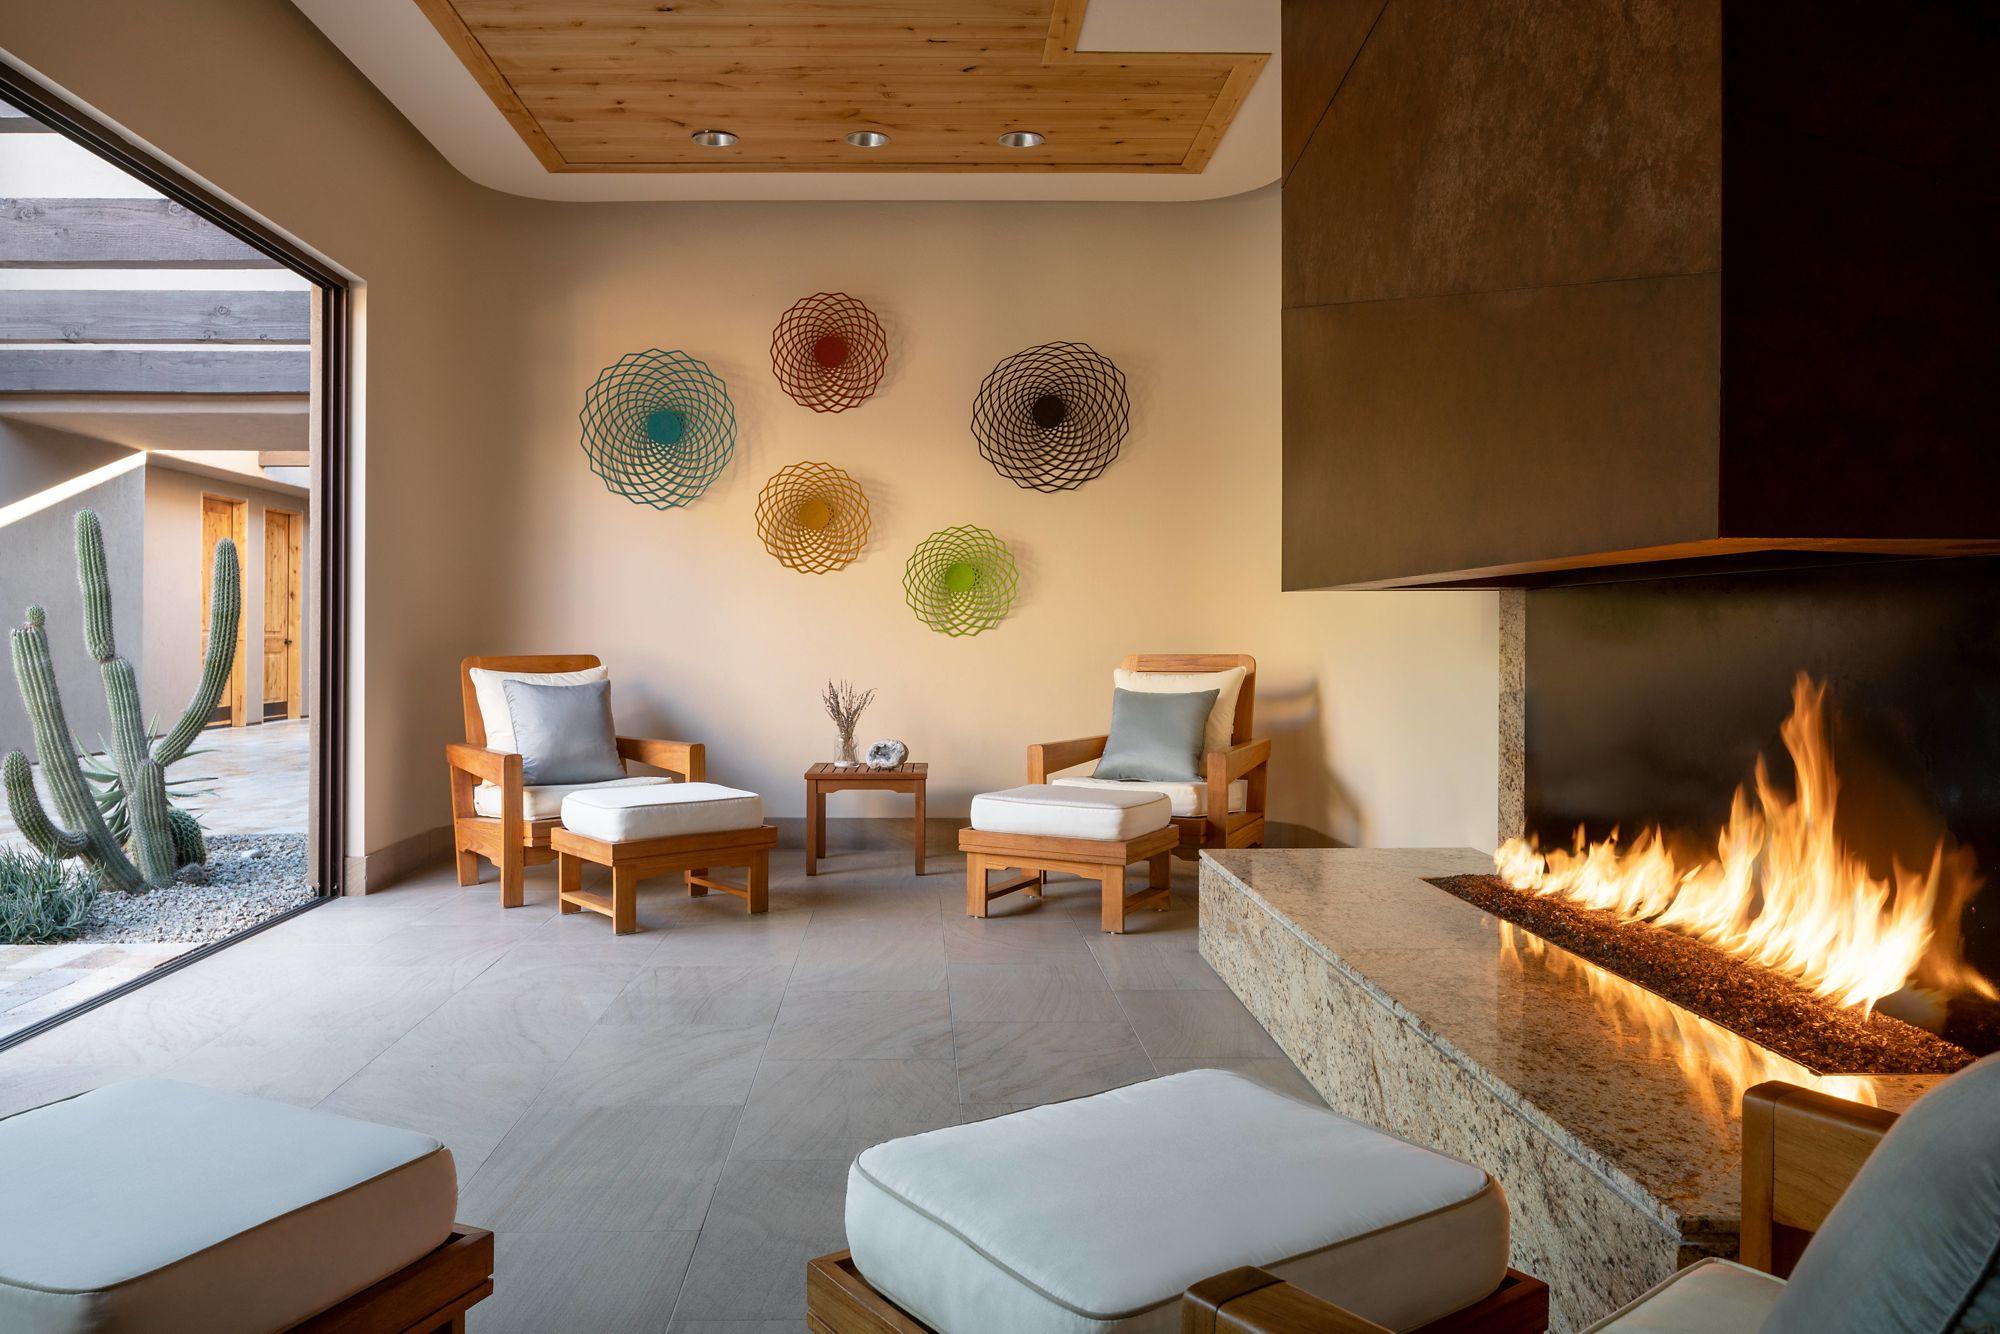 Ritz-Carlton, Dove Mountain Spa